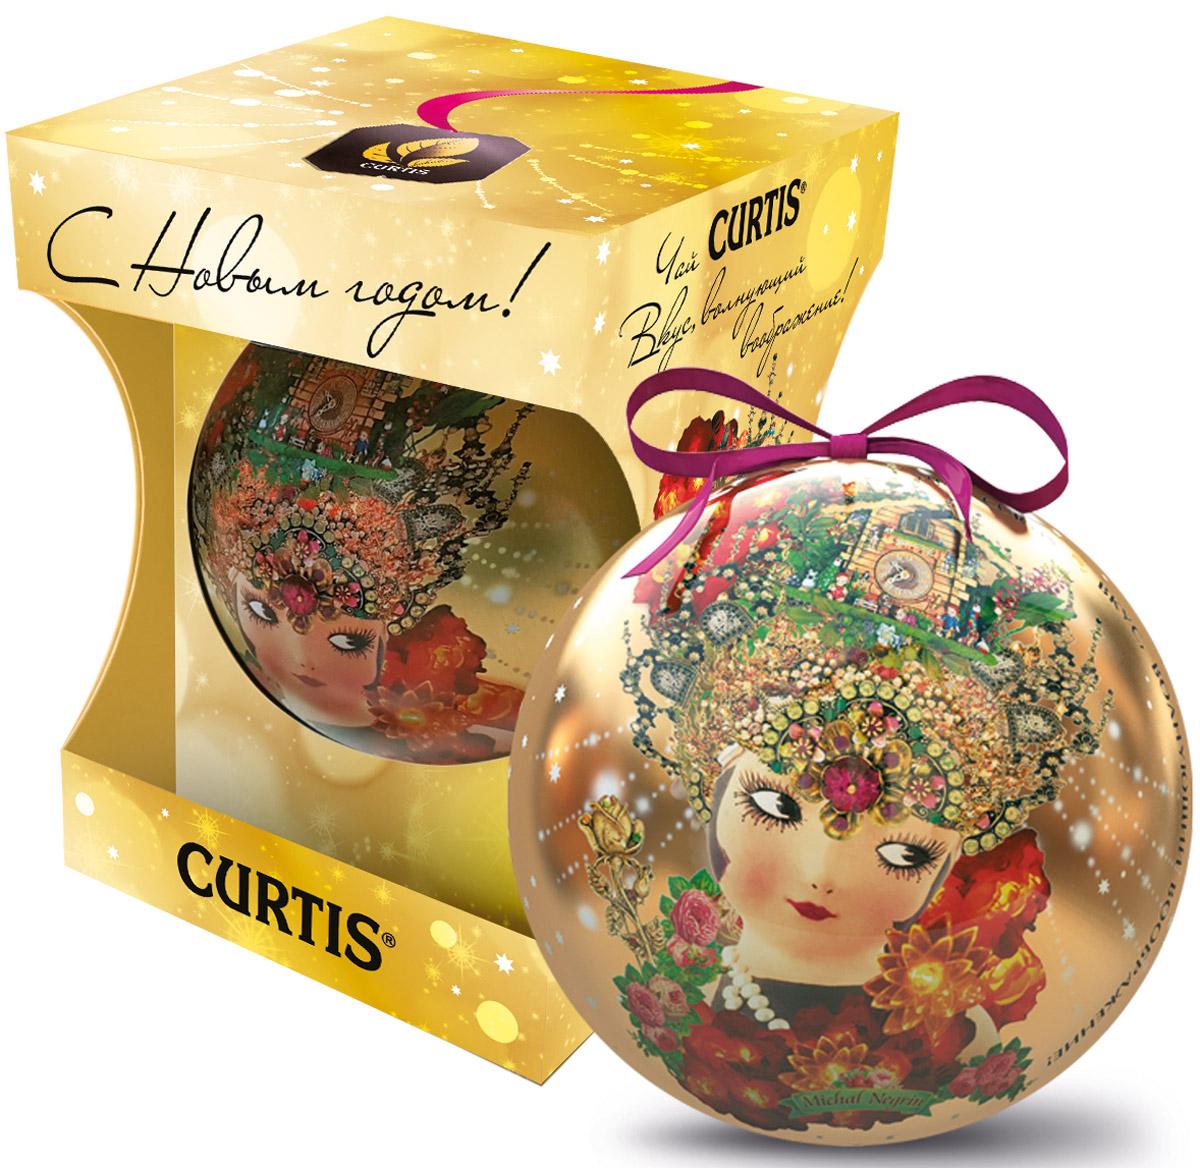 Curtis She-Shy Christmas Ball желтый, черный листовой чай, 30 г100134Превосходный черный цейлонский чай Curtis She-Shy Christmas Ball в новогодней подарочной упаковке в форме шара золотого цвета. Отлично подойдет в качестве подарка на новогодние праздники. Уважаемые клиенты! Обращаем ваше внимание на то, что упаковка может иметь несколько видов дизайна. Поставка осуществляется в зависимости от наличия на складе.